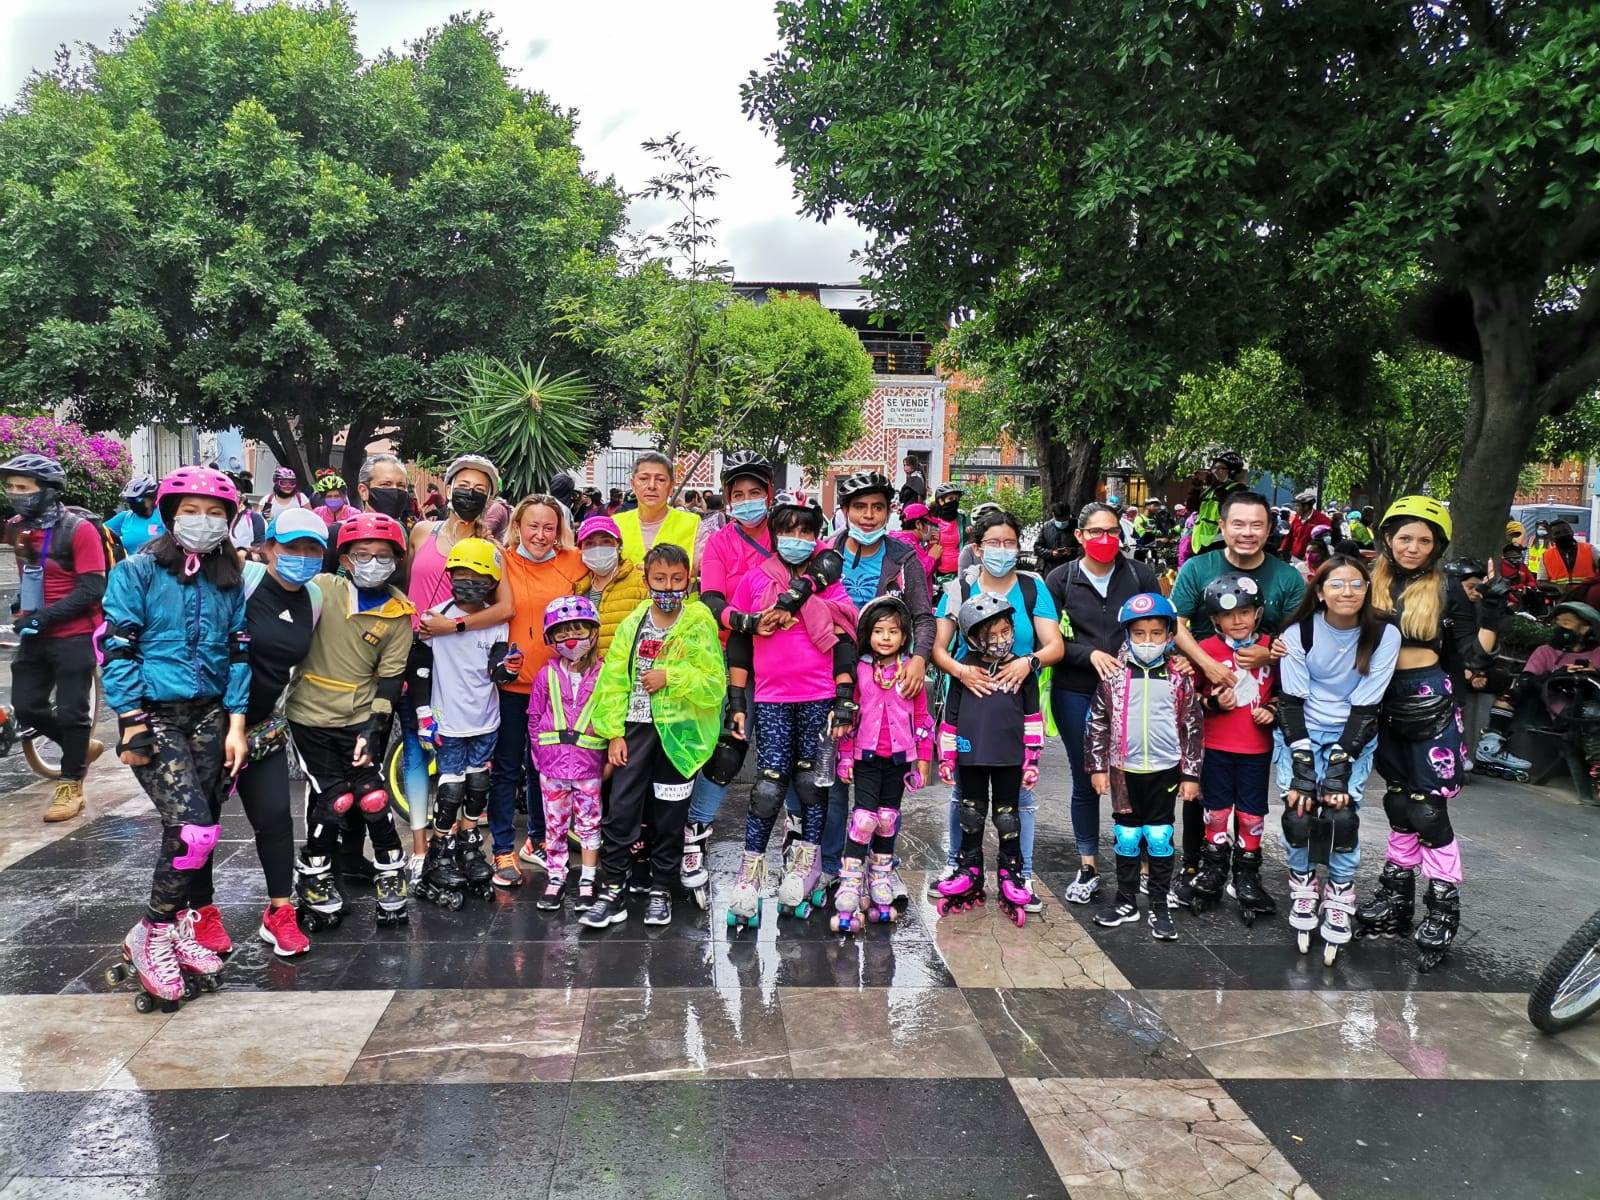 La infraestructura ciclista en la ciudad de Puebla ha sido creada sobre todo como recreación, y no como una vía de transporte para personas que se desplazan al trabajo. Fotografías de Femcilista